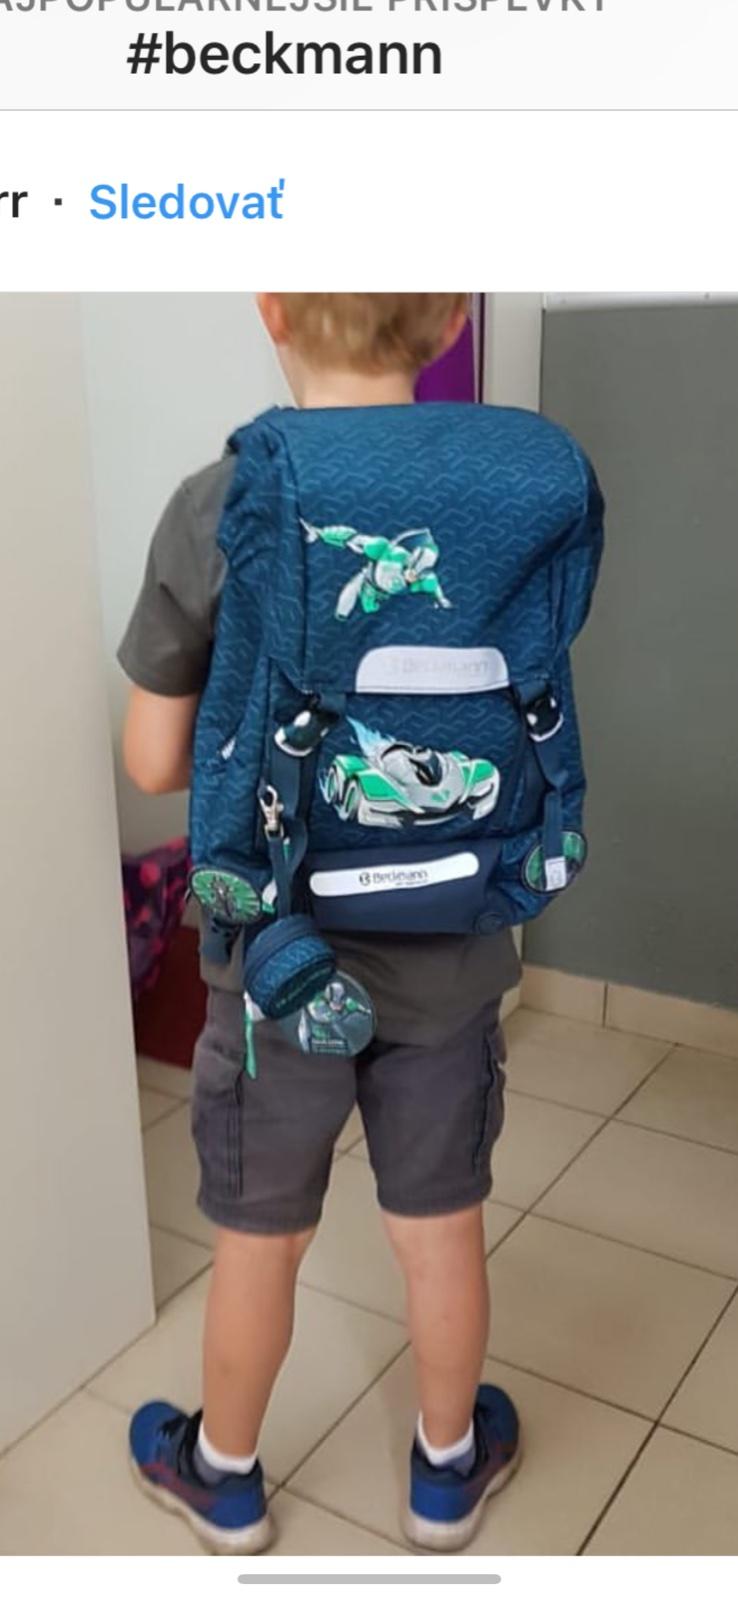 ccef417ade Ak by mal niekto zaujem predam beckmann skolske tasky- uplne nove!  objednane zo zdravy batoh.cz za super cenu 135e cely set - taska